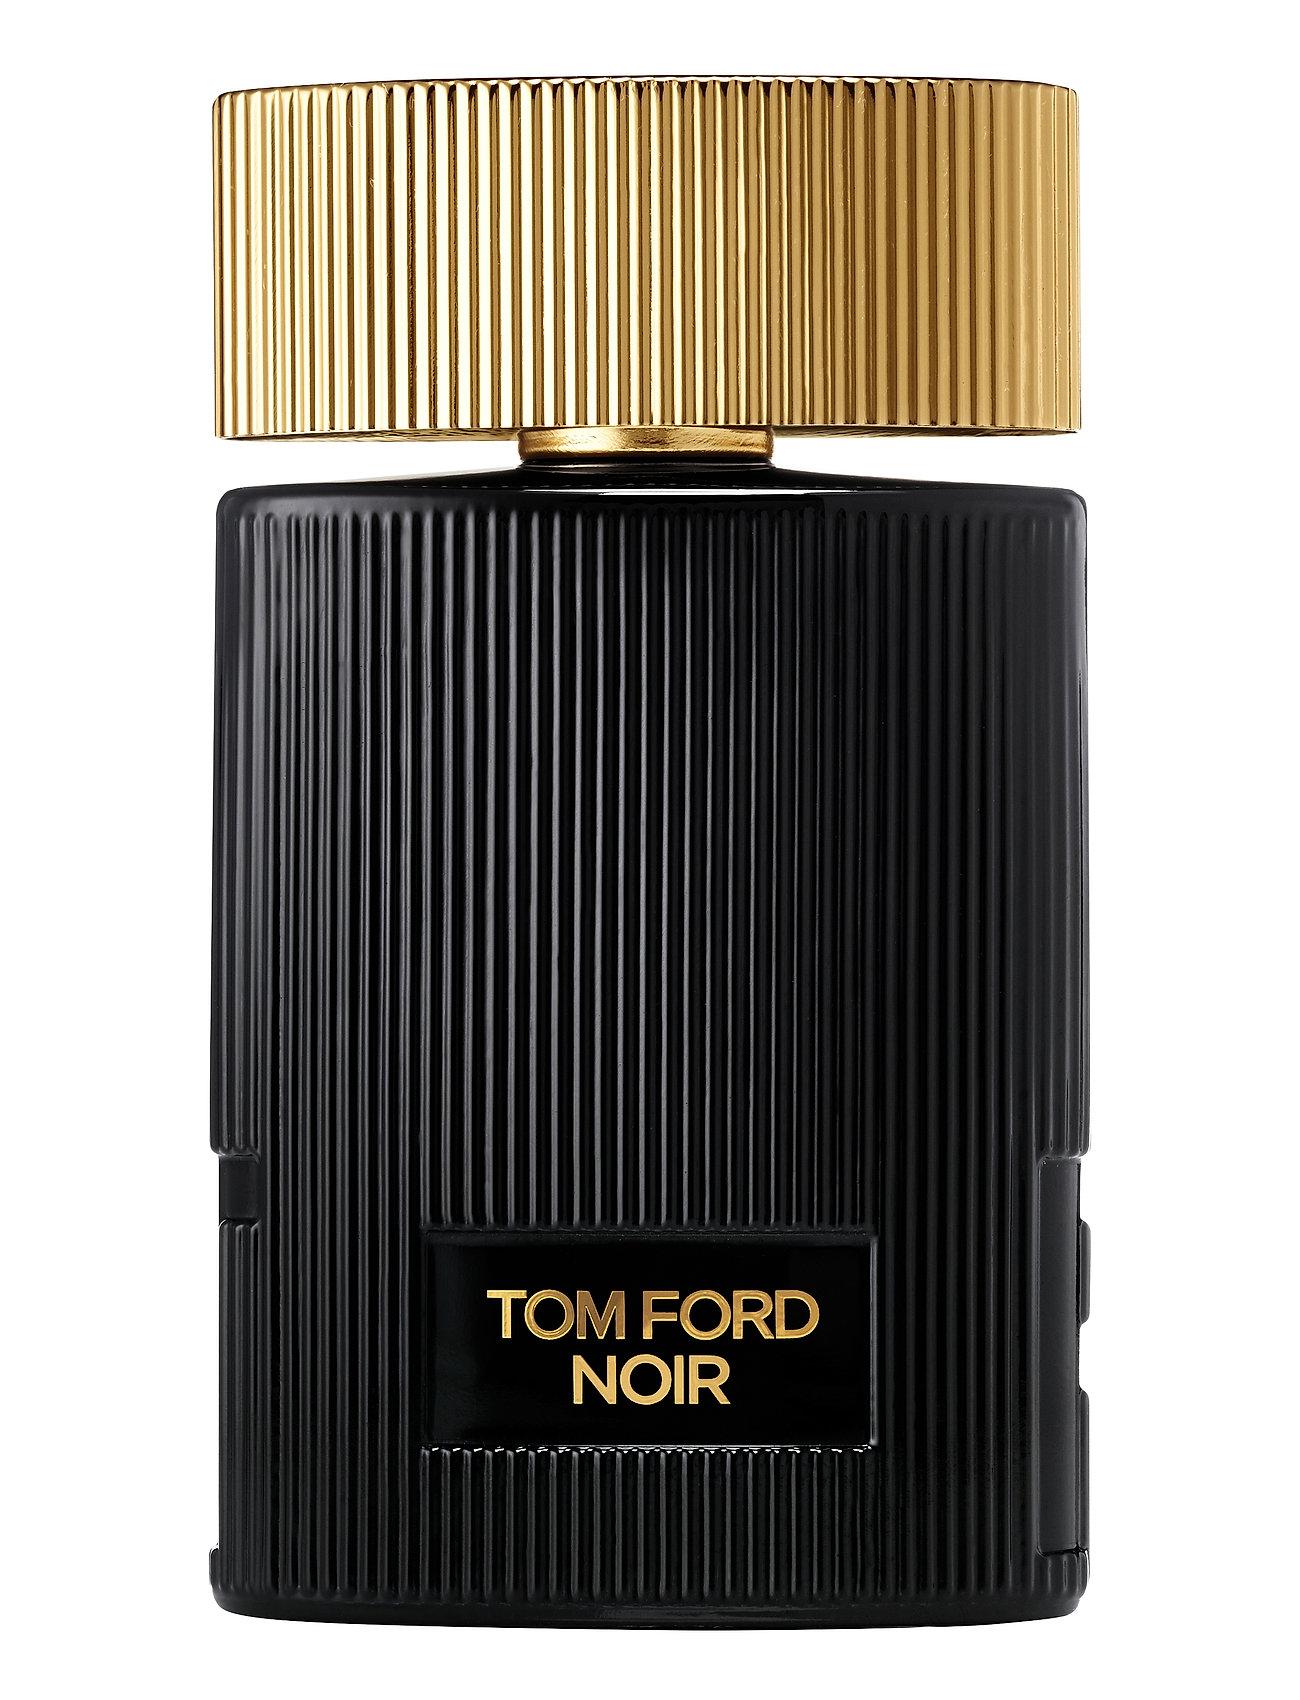 Tom ford noir pour femme eau de parfum fra tom ford fra boozt.com dk